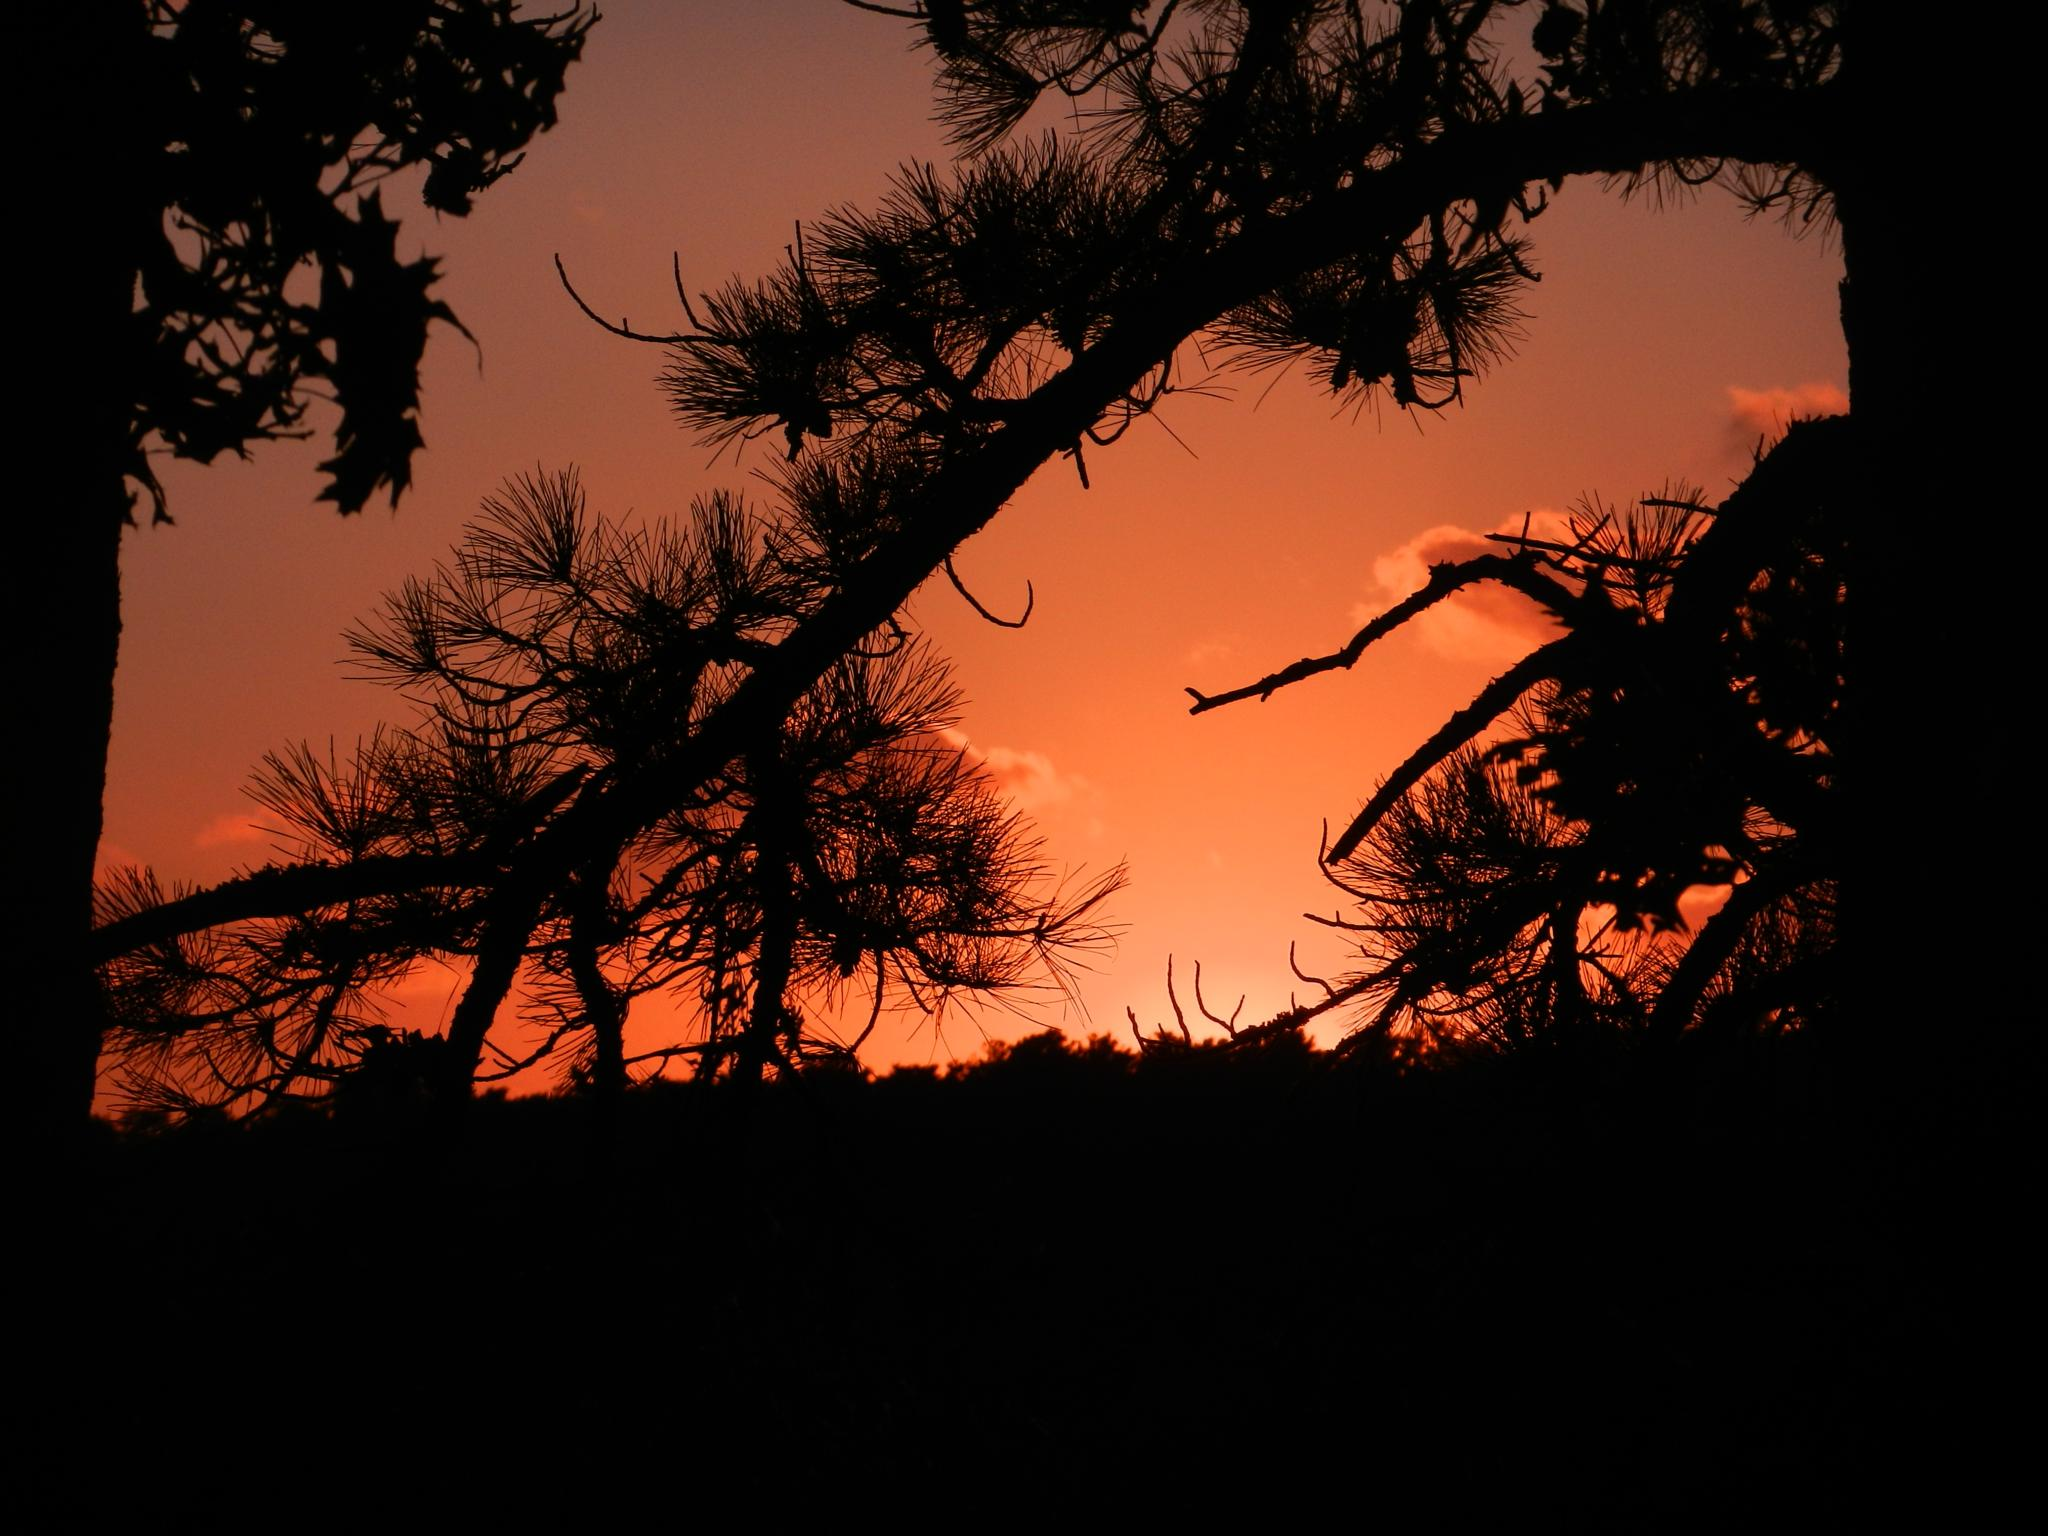 Sunset by carol.capozzi.18